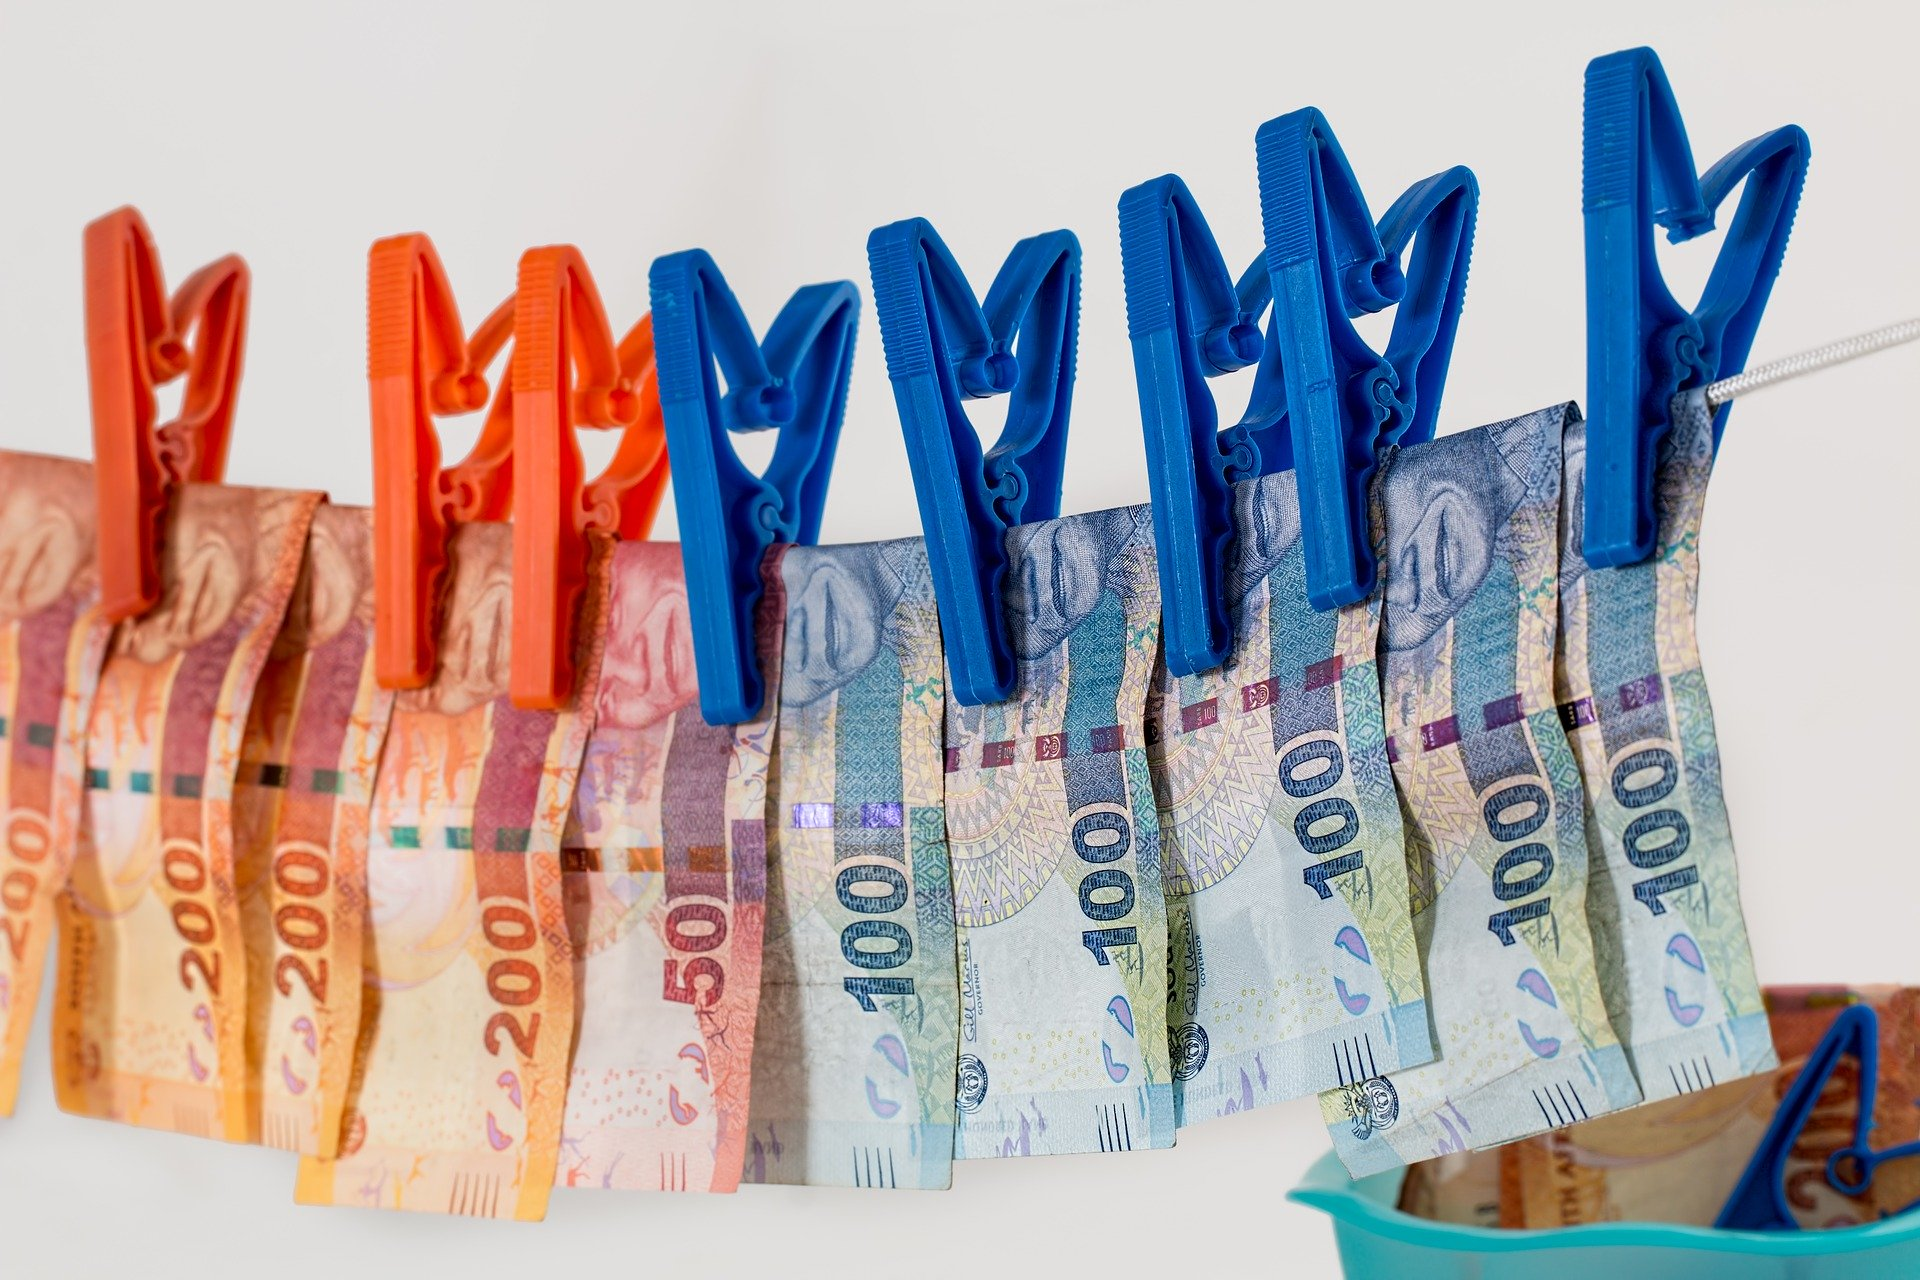 Experte für Korruption wegen Geldwäsche angeklagt